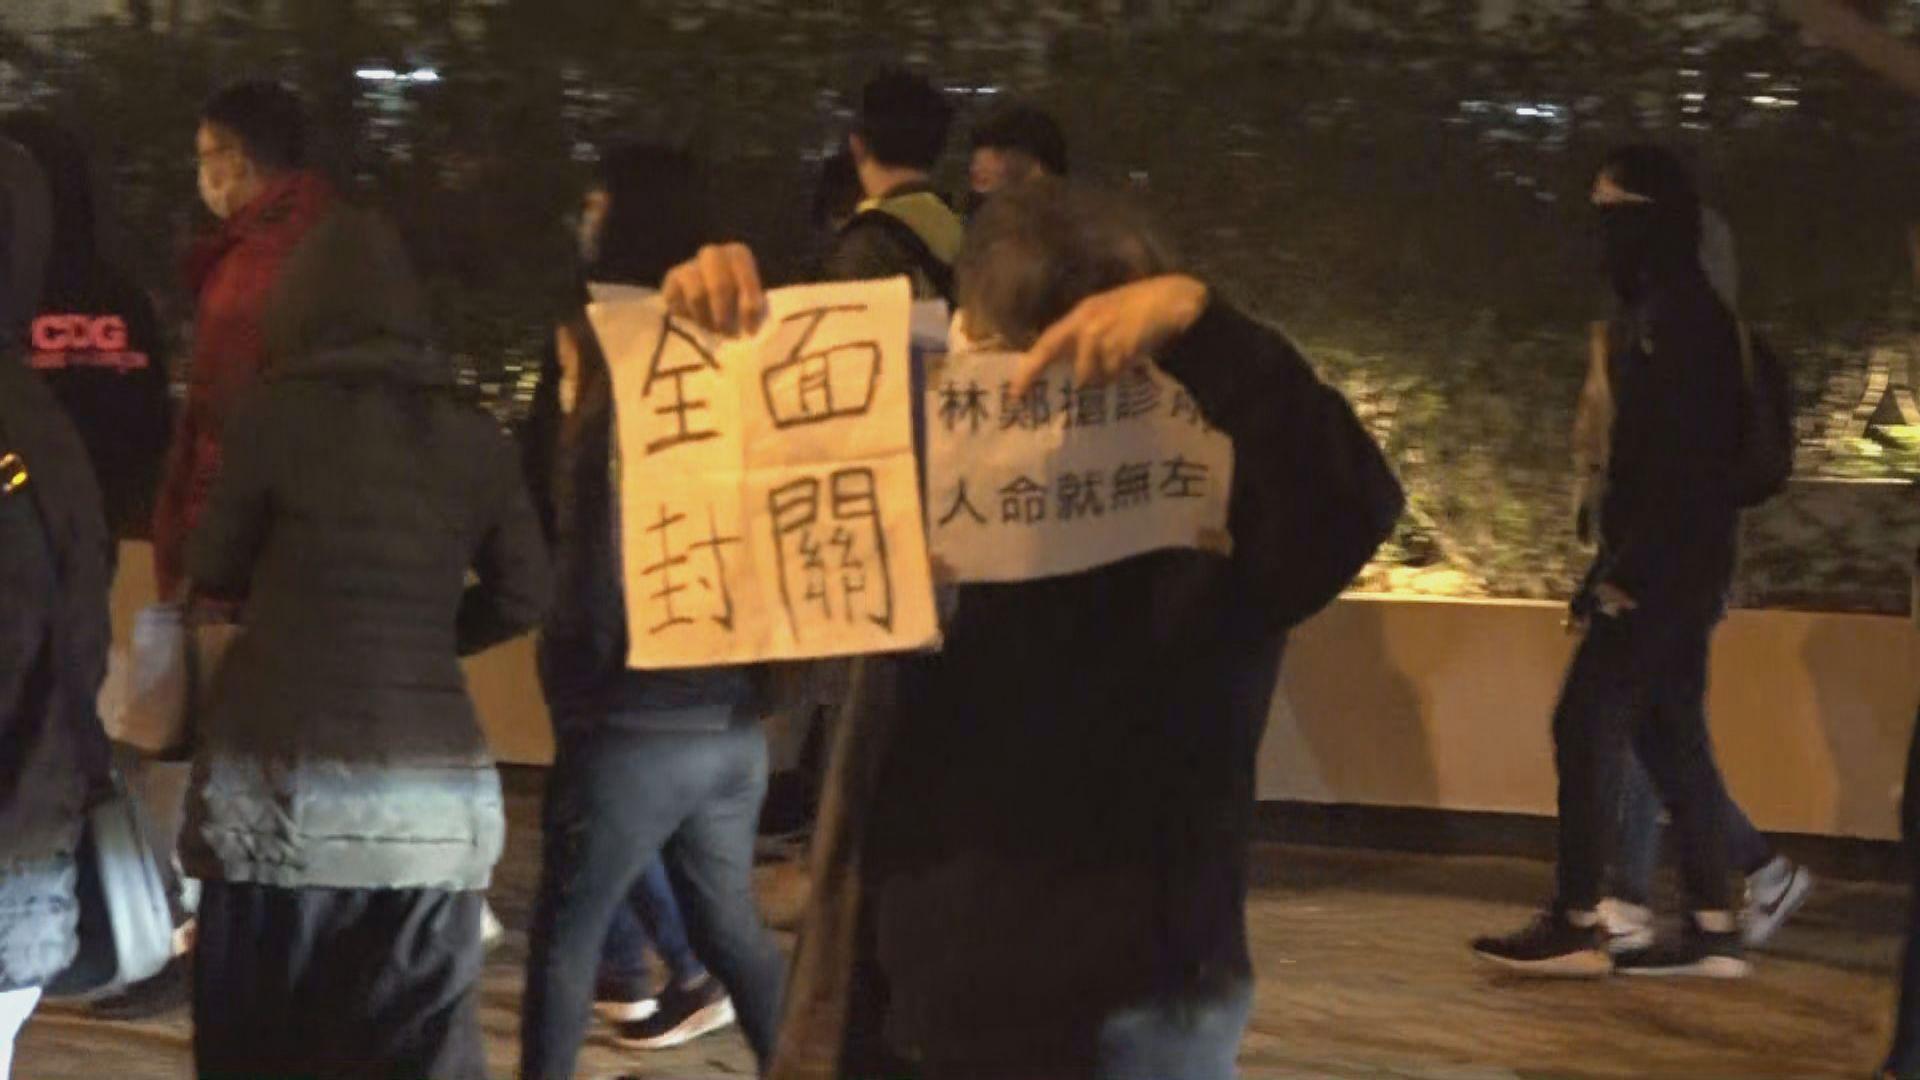 居民遊行反對九龍灣健康中心劃為指定診所